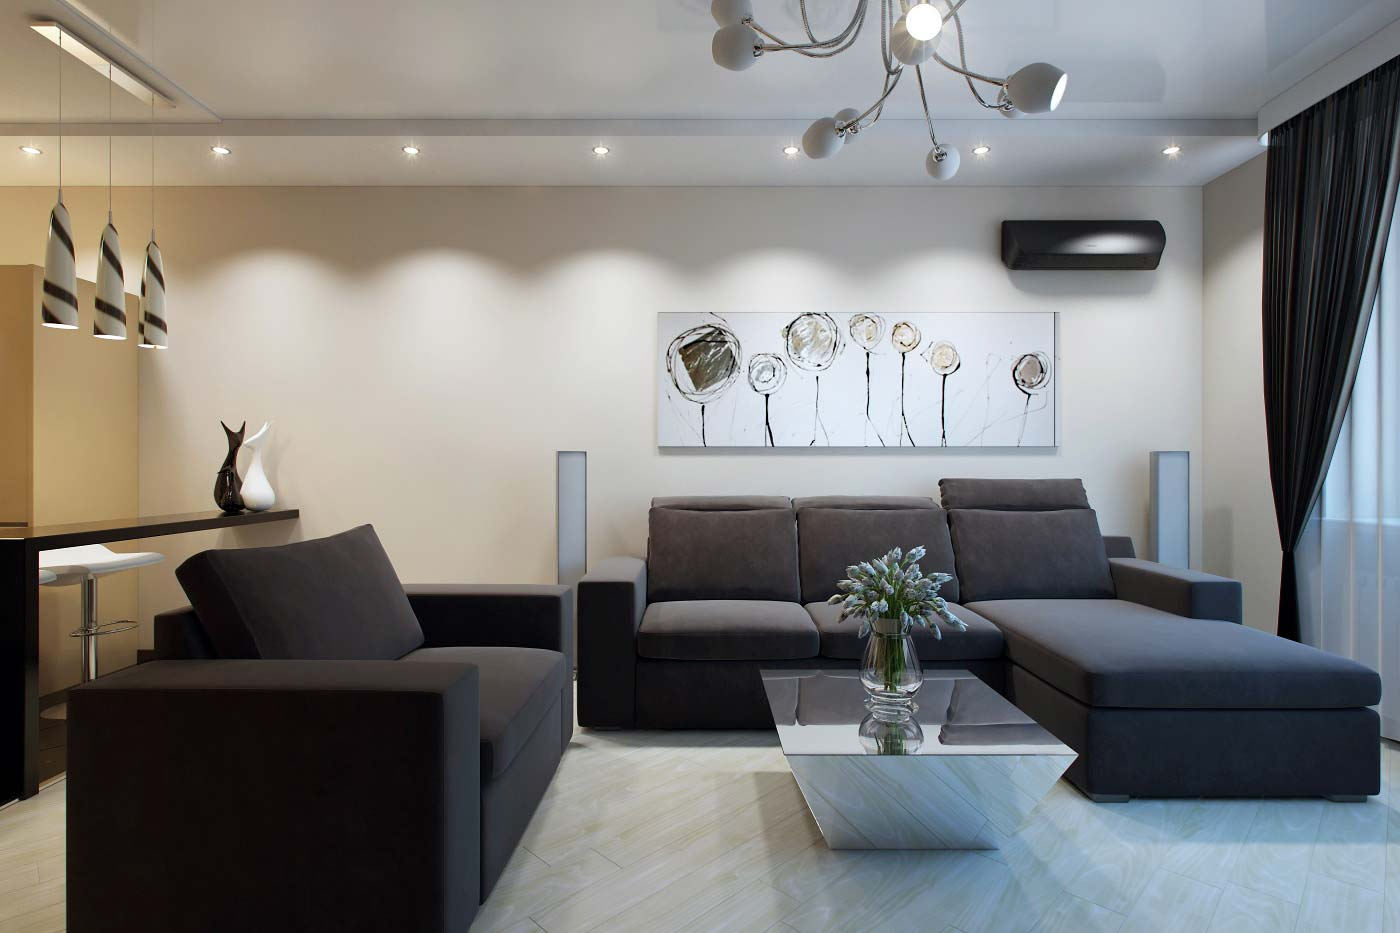 Дизайн проекты квартир в многоэтажном доме фото